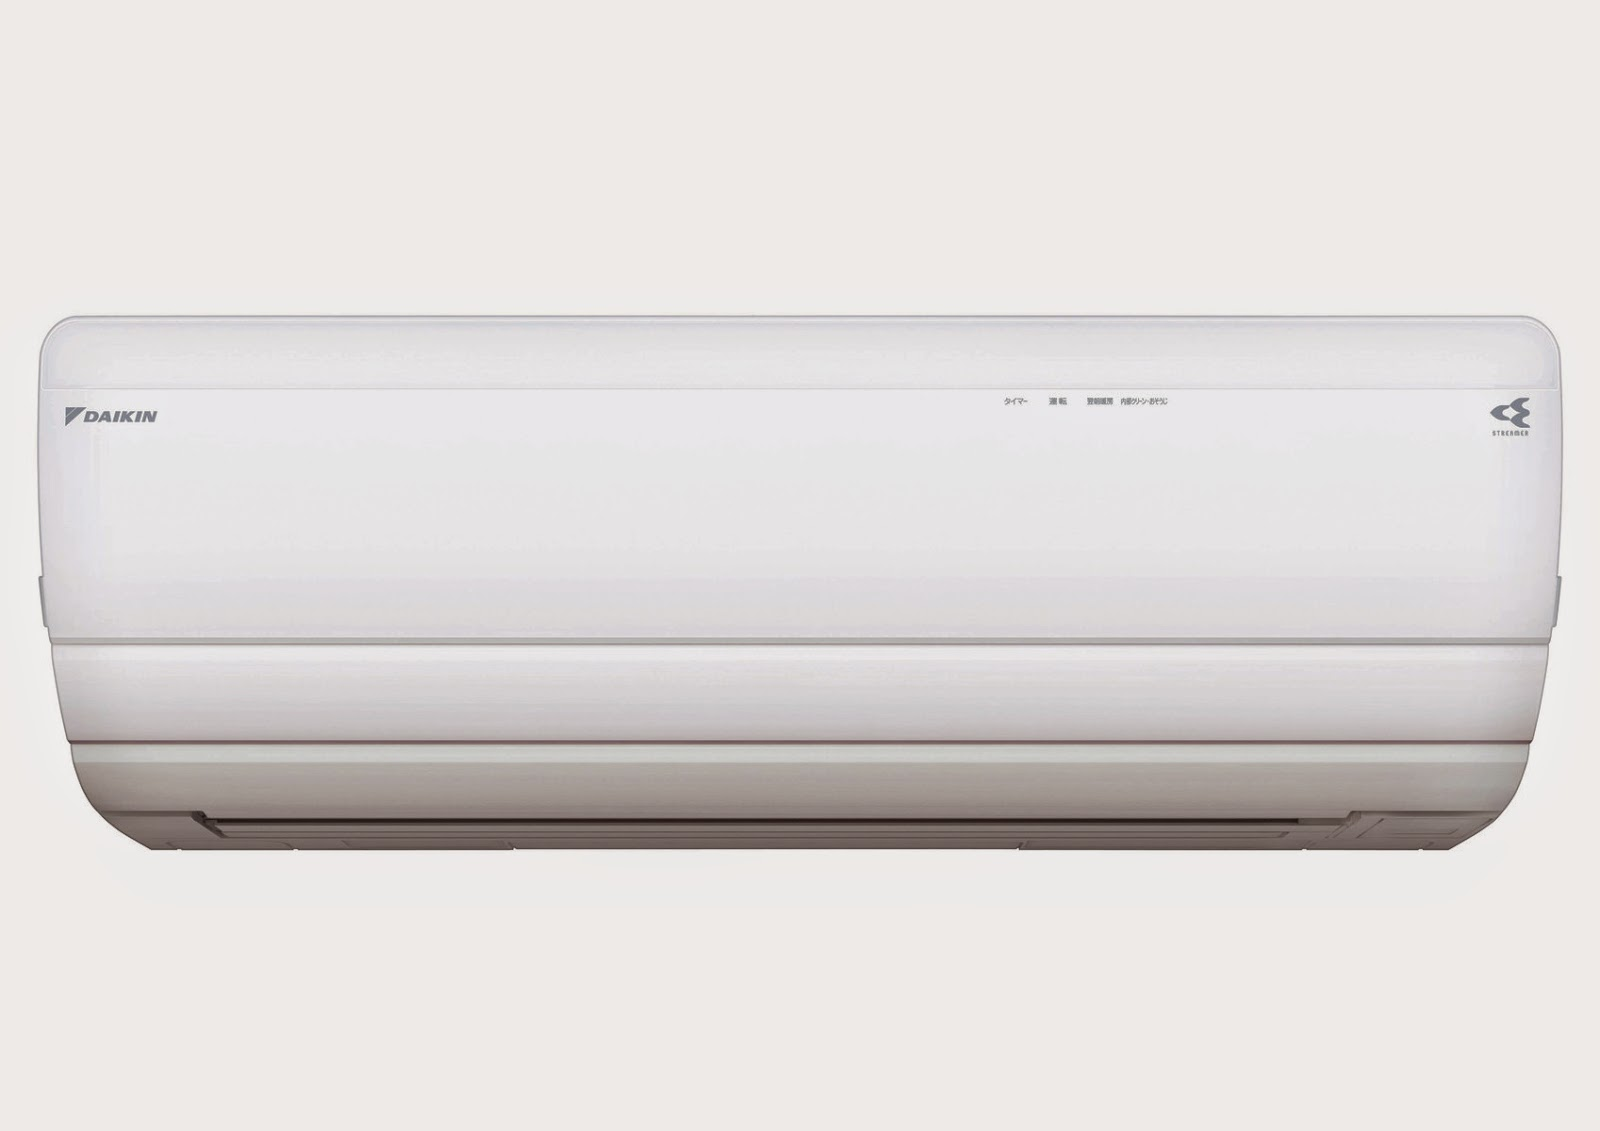 климатик Daikin URURU SARARA - модел 2014